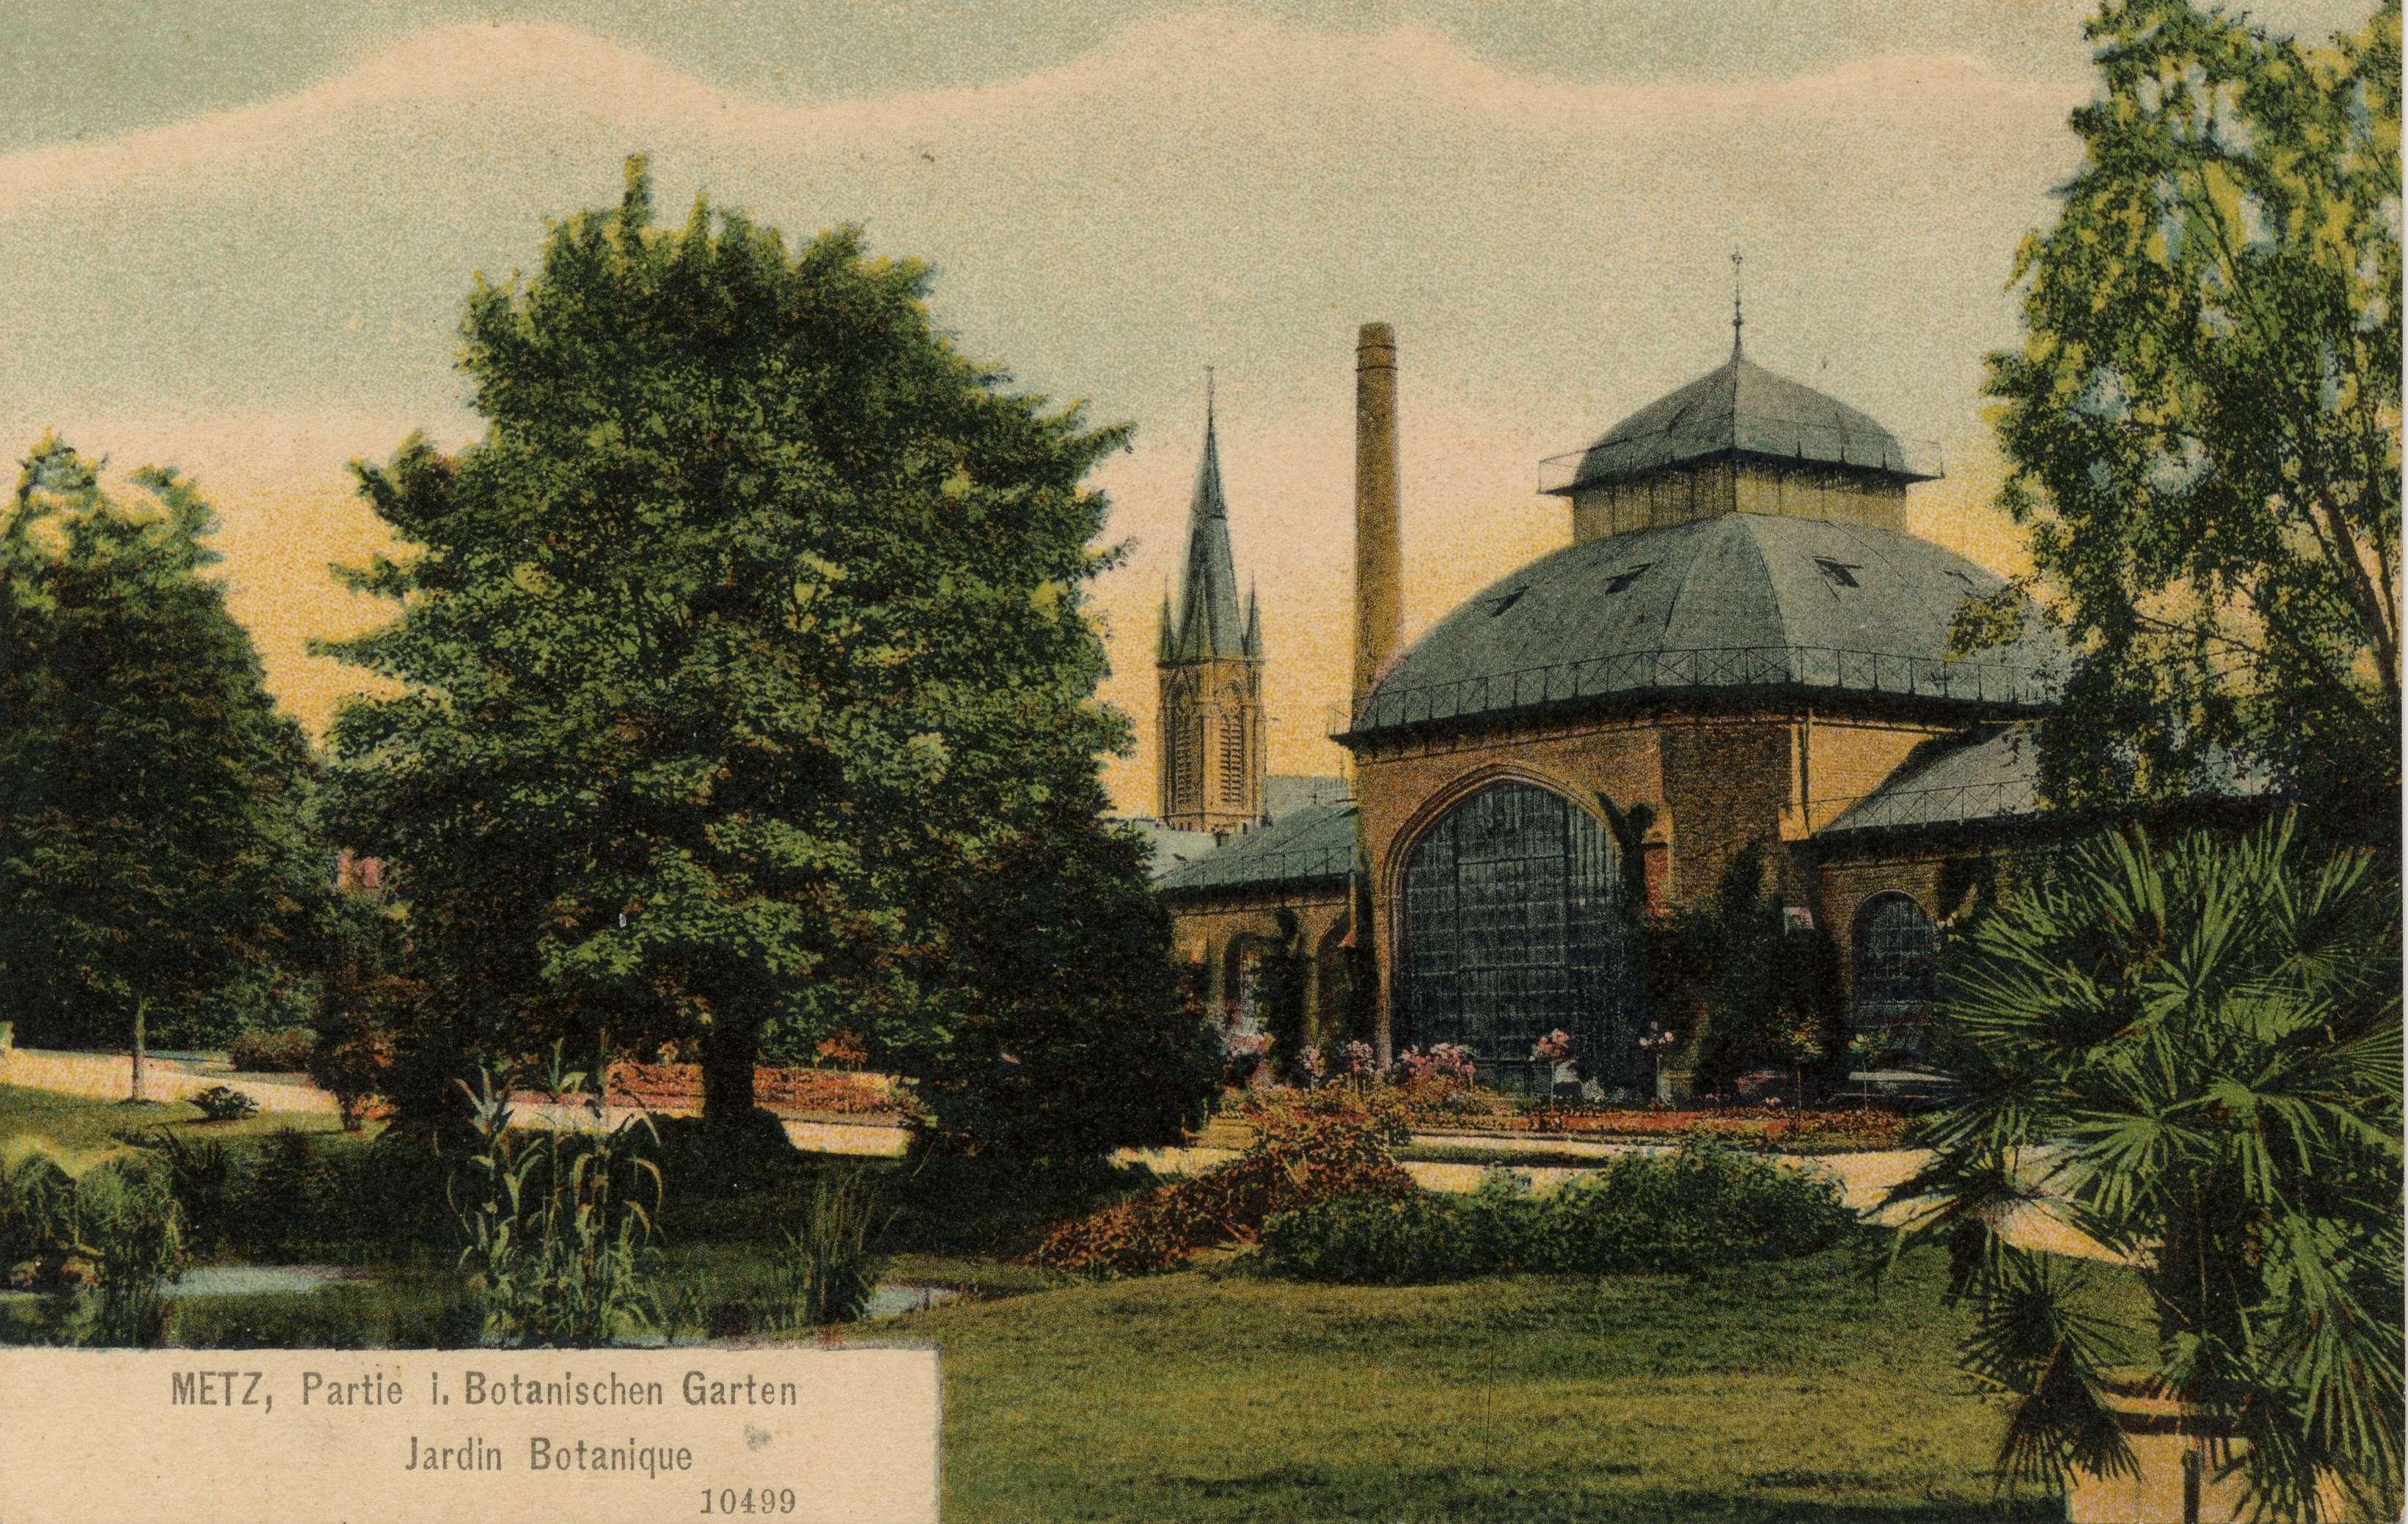 Contenu du Metz, Partie 1 Botanischen Garten - Jardin botanique